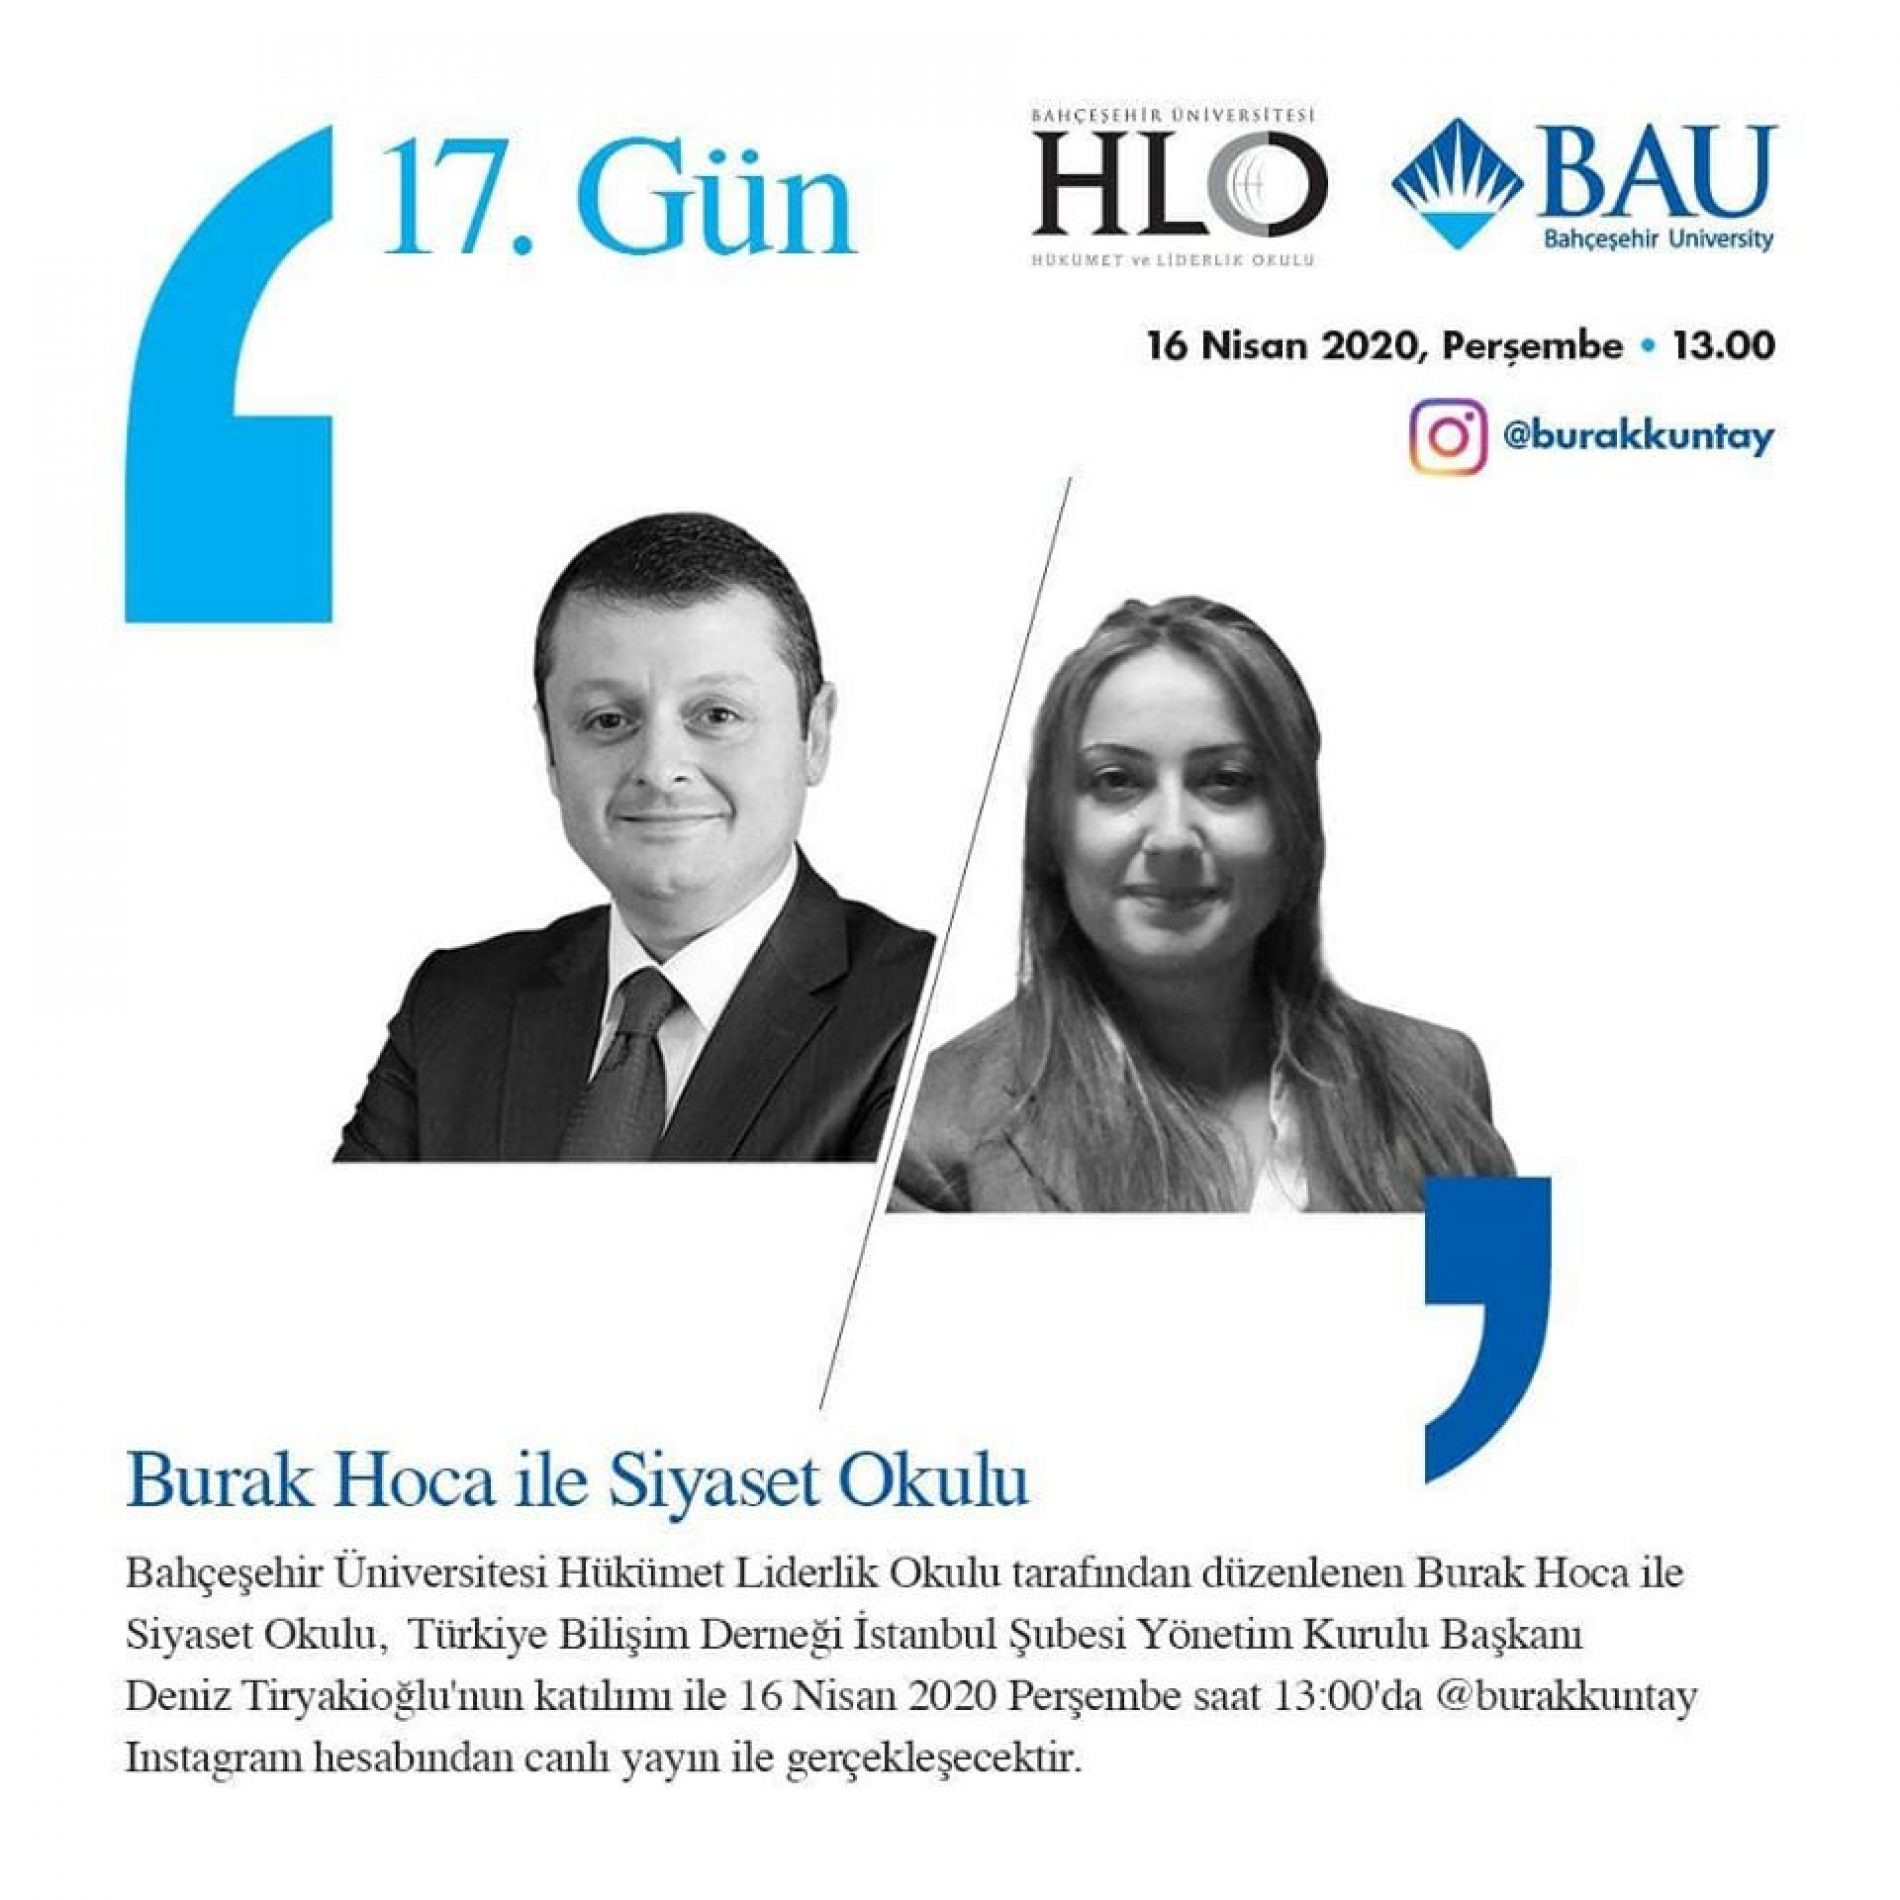 TBD İstanbul Şube Yönetim Kurulu Başkanımız Sayın Deniz Tiryakioğlu, Bahçeşehir Üniversitesi Hükümet Liderlik Okulu tarafından düzenlenen Burak Hoca ile Siyaset Okulunun konuğu oldu.